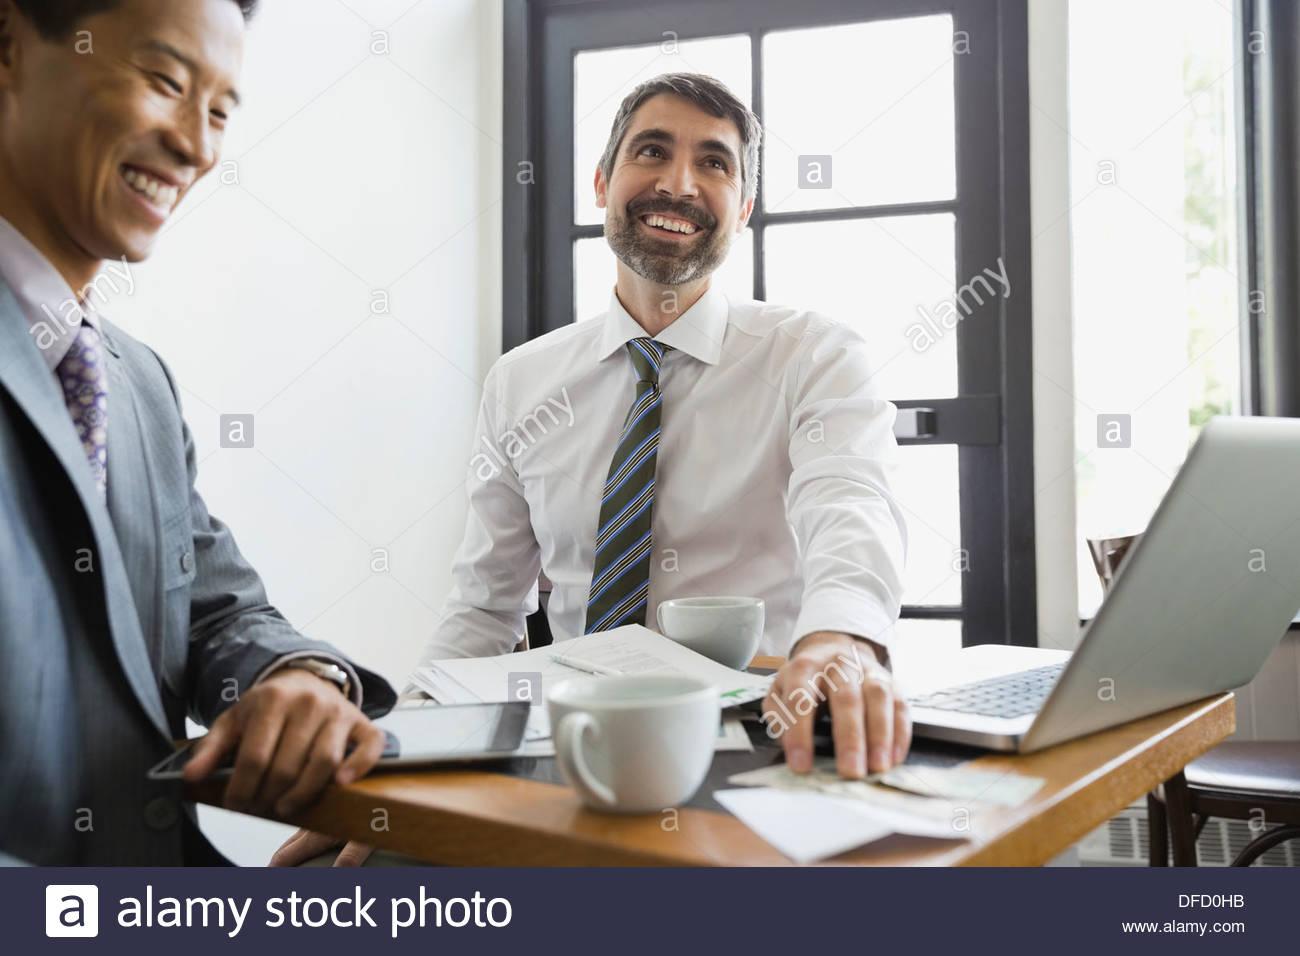 Hommes d'payer facture de restaurant avec de l'argent Photo Stock